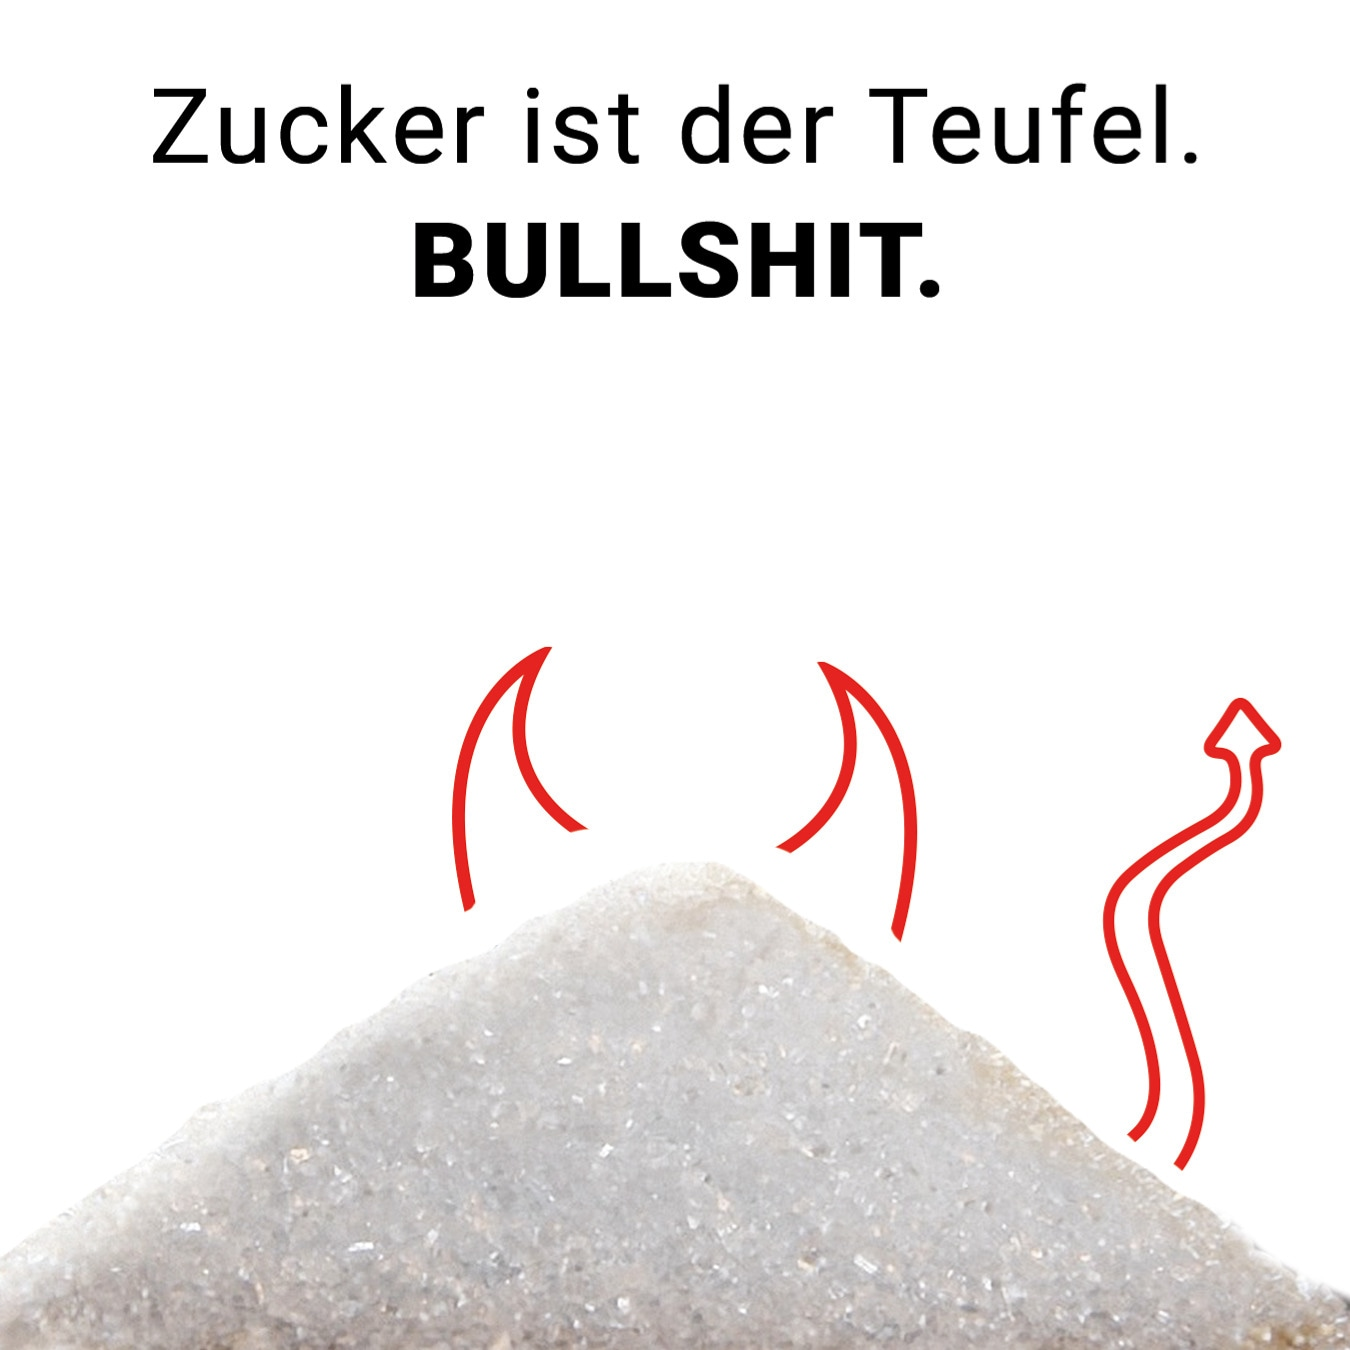 Zuckerteufel